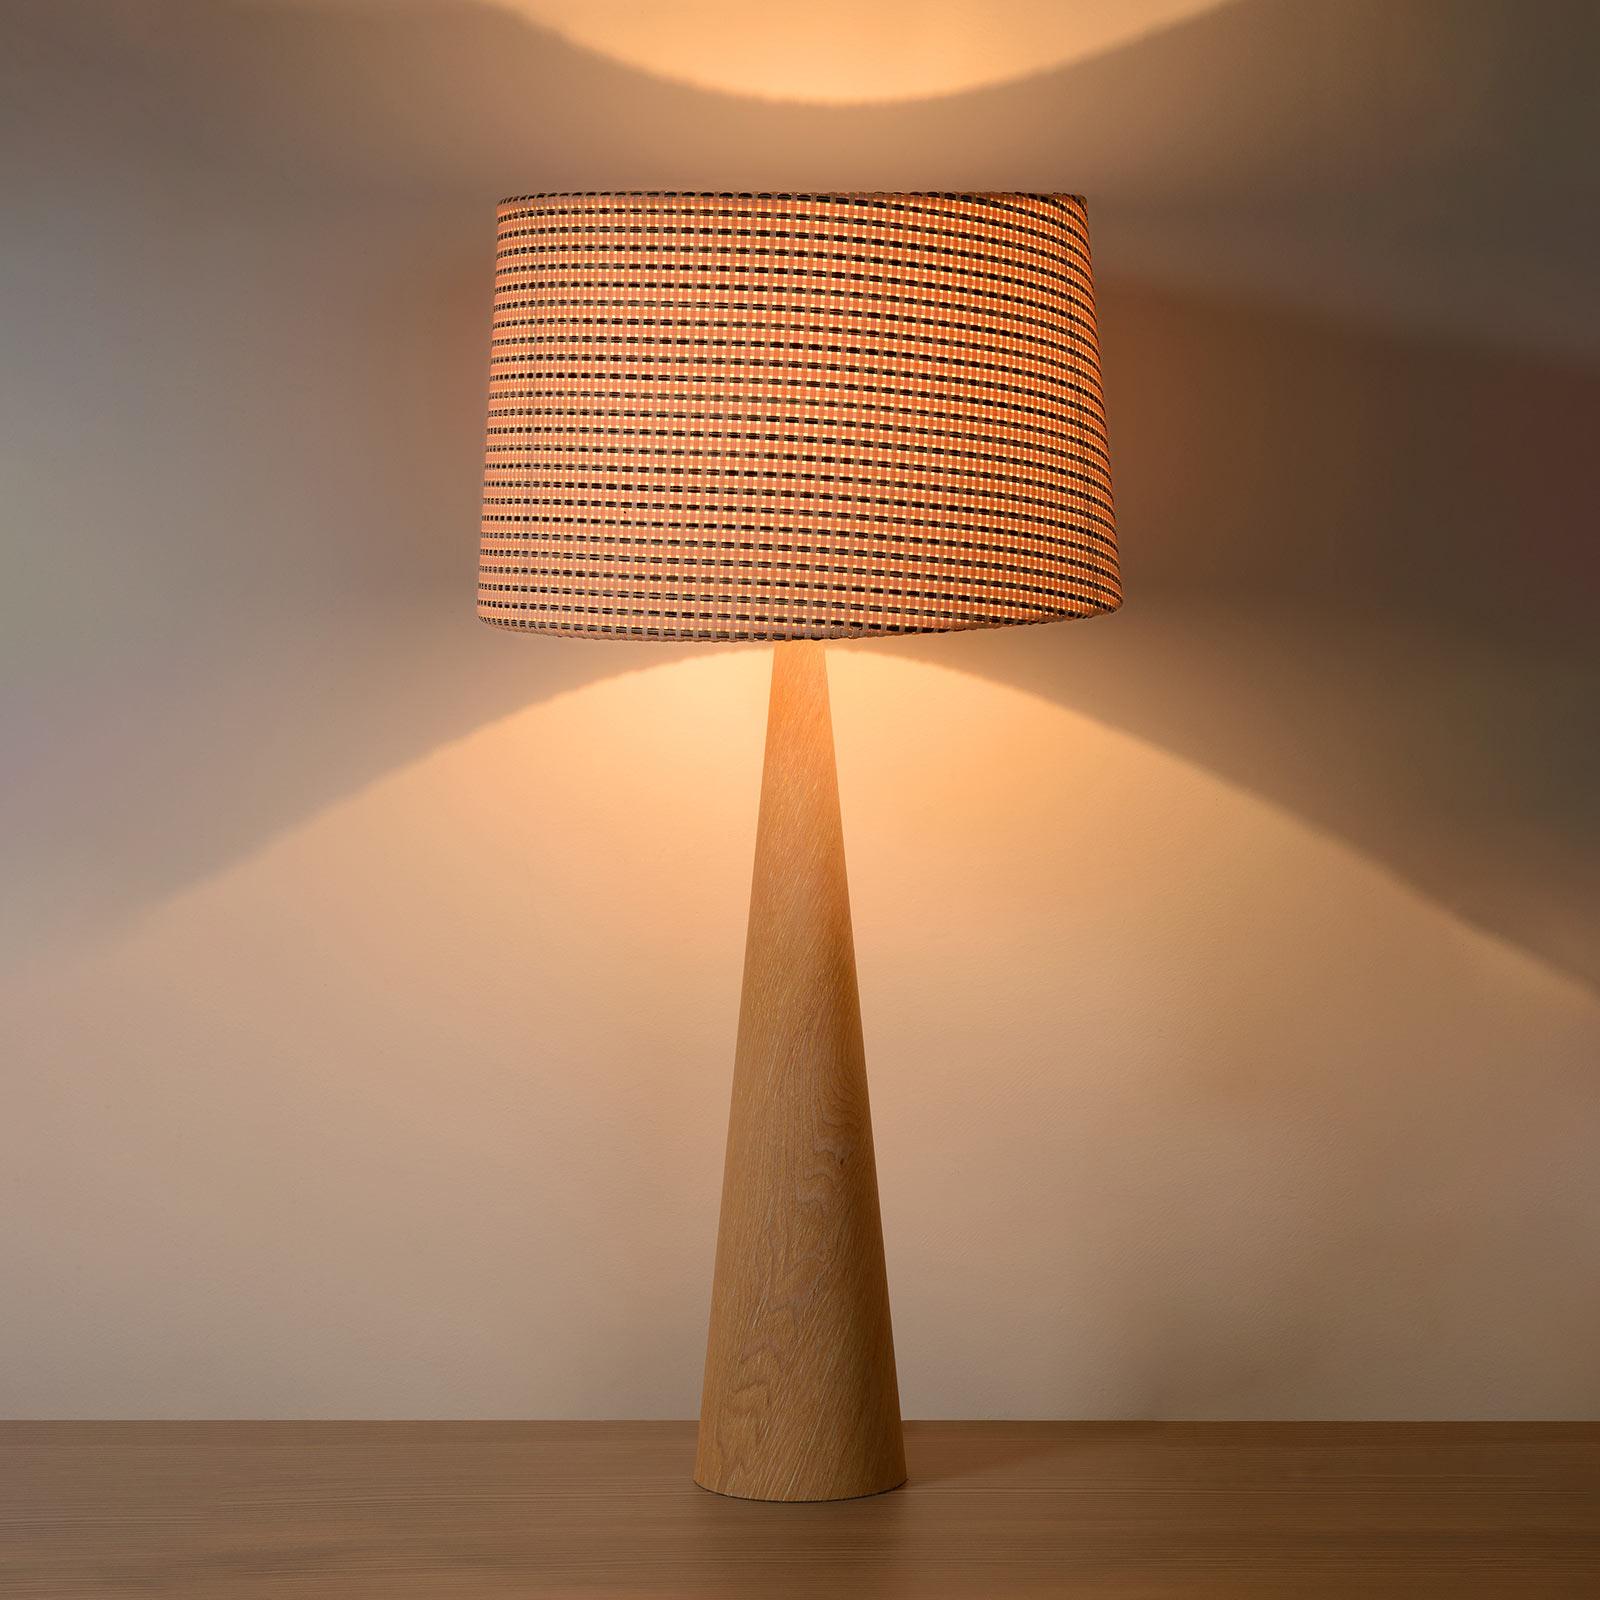 Tafellamp Conos met lichte houten voet